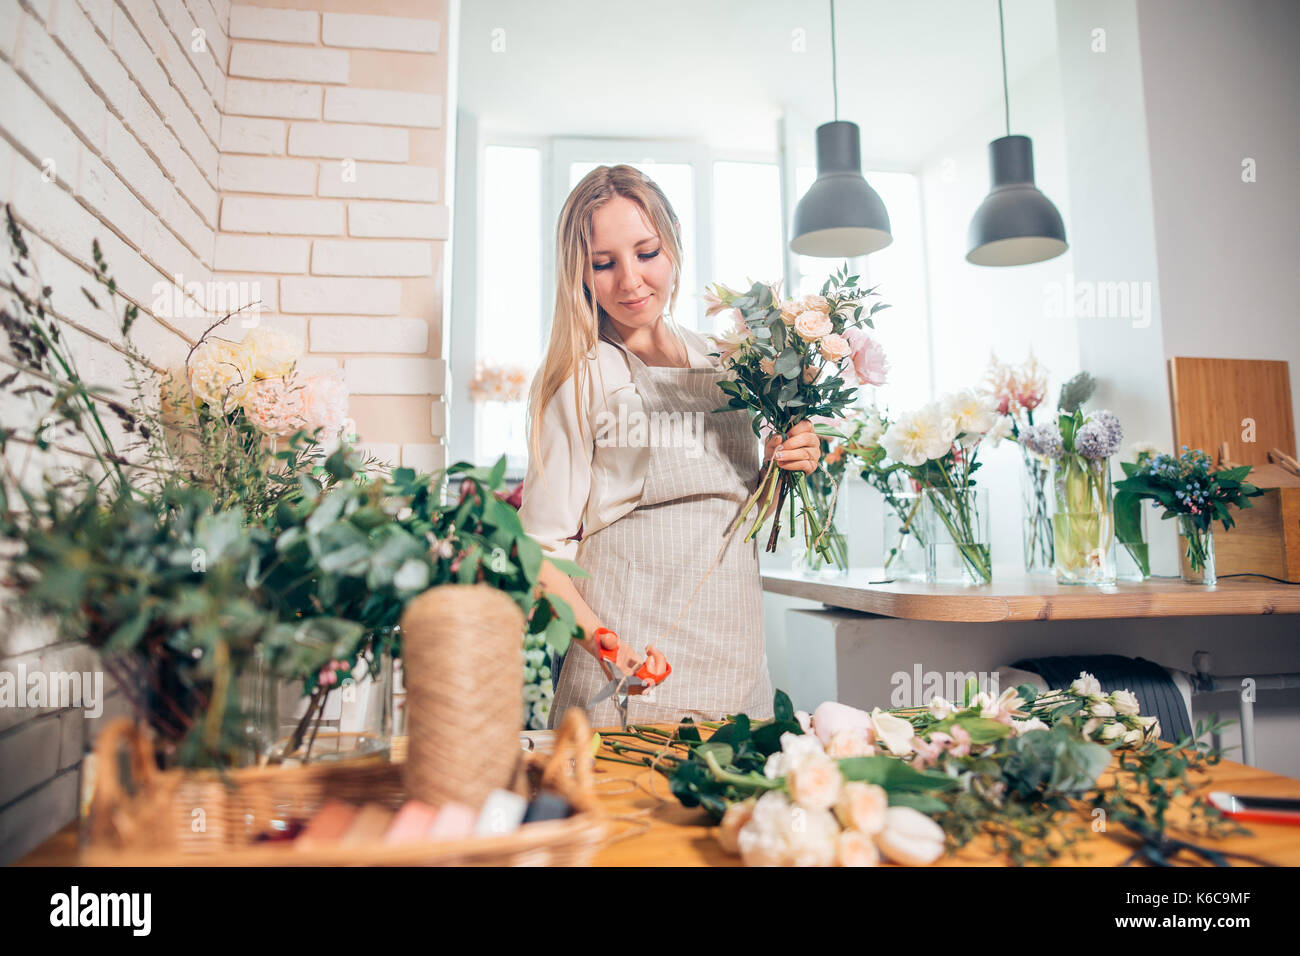 Lieu de travail: organisation de femme fleuriste un bouquet de roses, fleurs, Ranunculus matthiolas et Gypsophila paniculata brindilles. Photo Stock